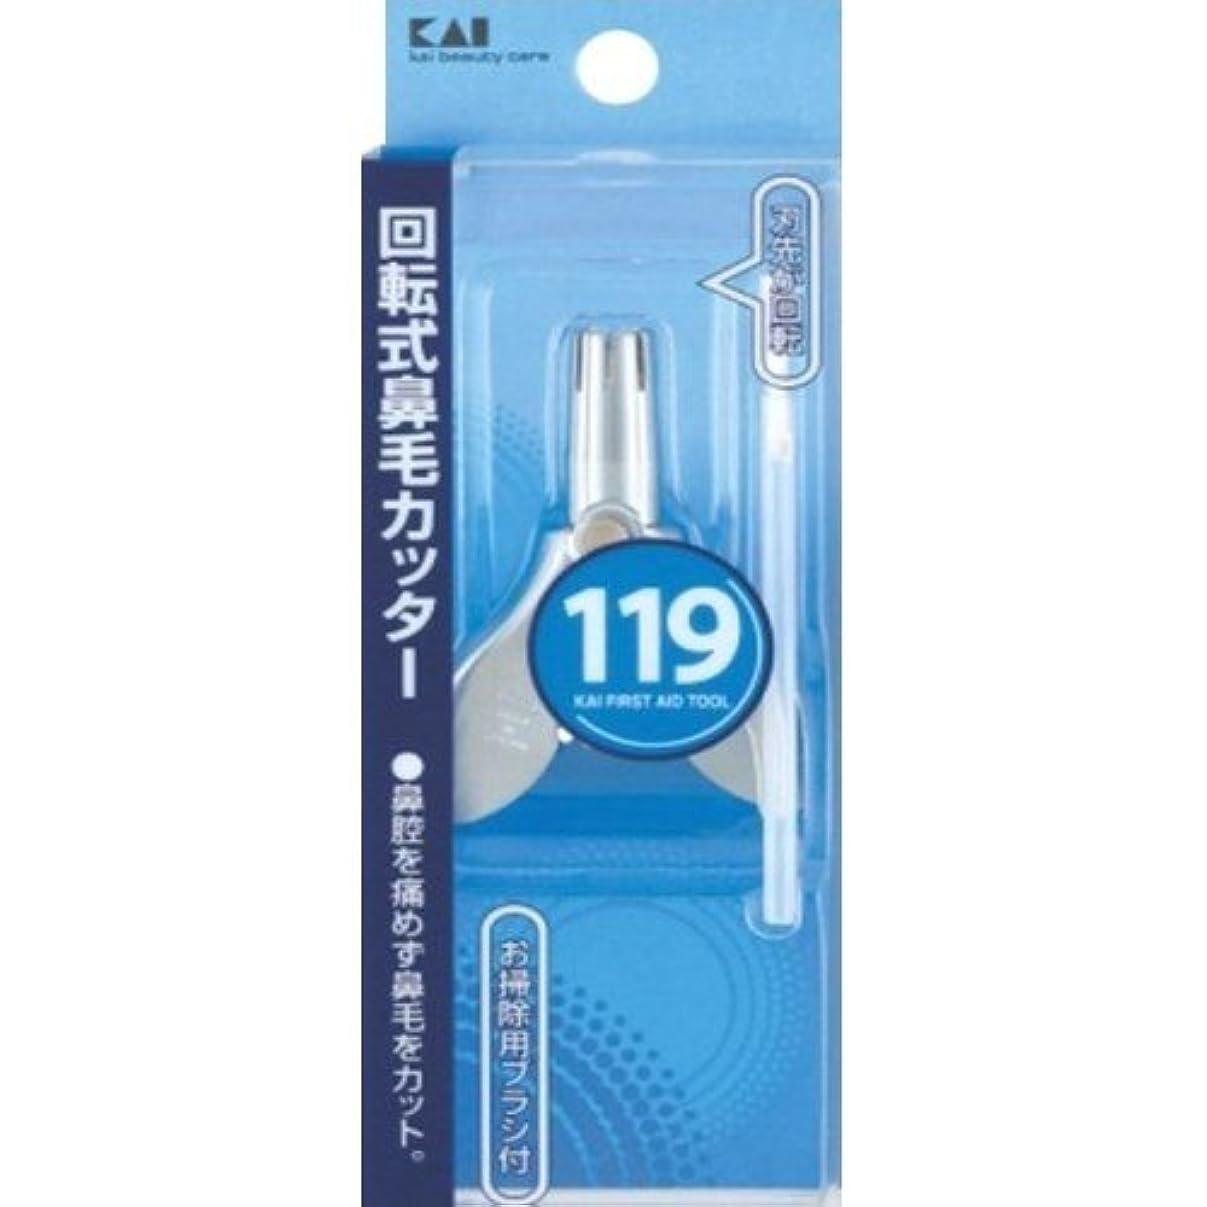 出費スポーツをする研磨貝印 119 回転式鼻毛カッター KF1038